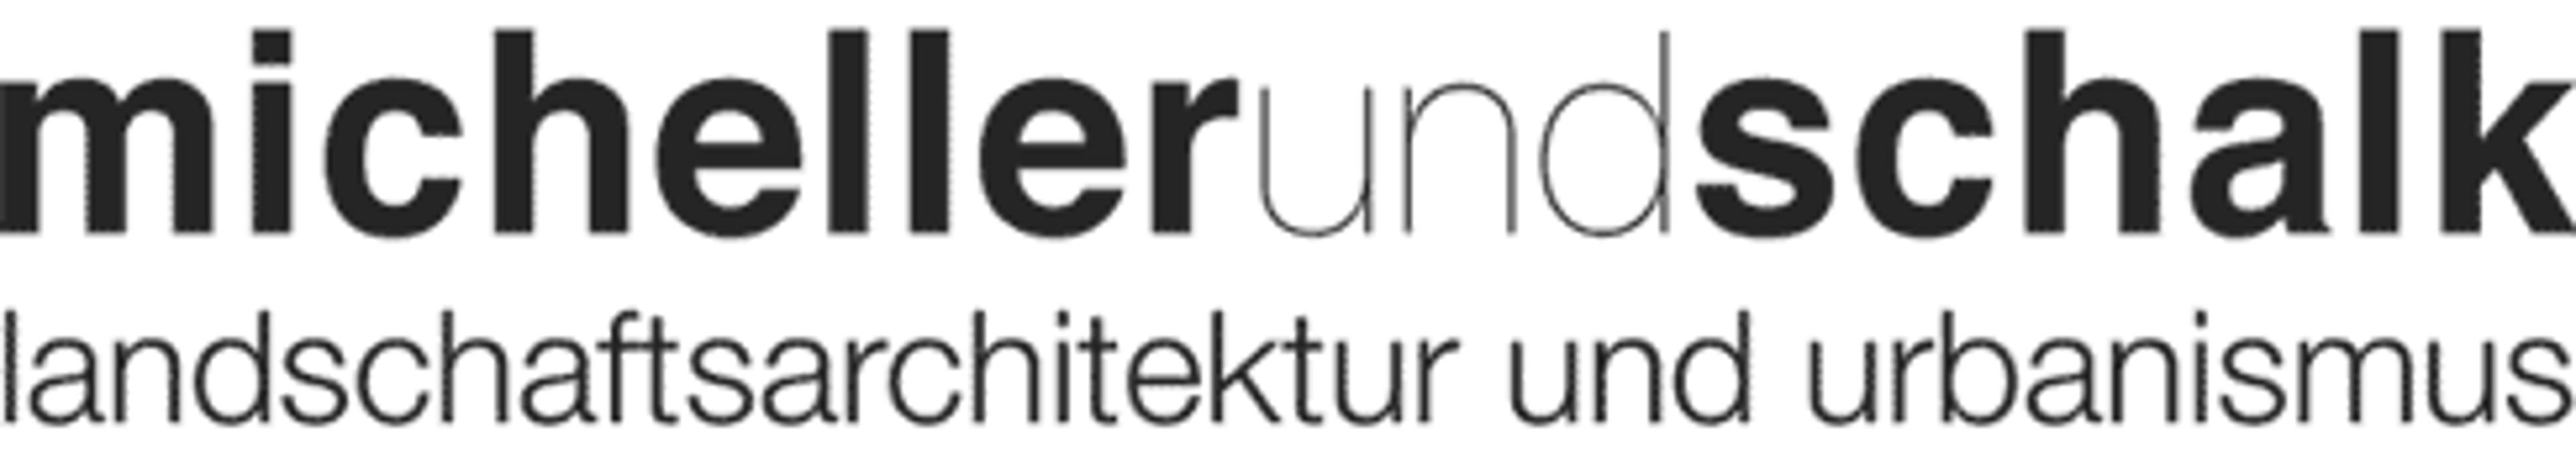 Bild zu michellerundschalk GmbH in München